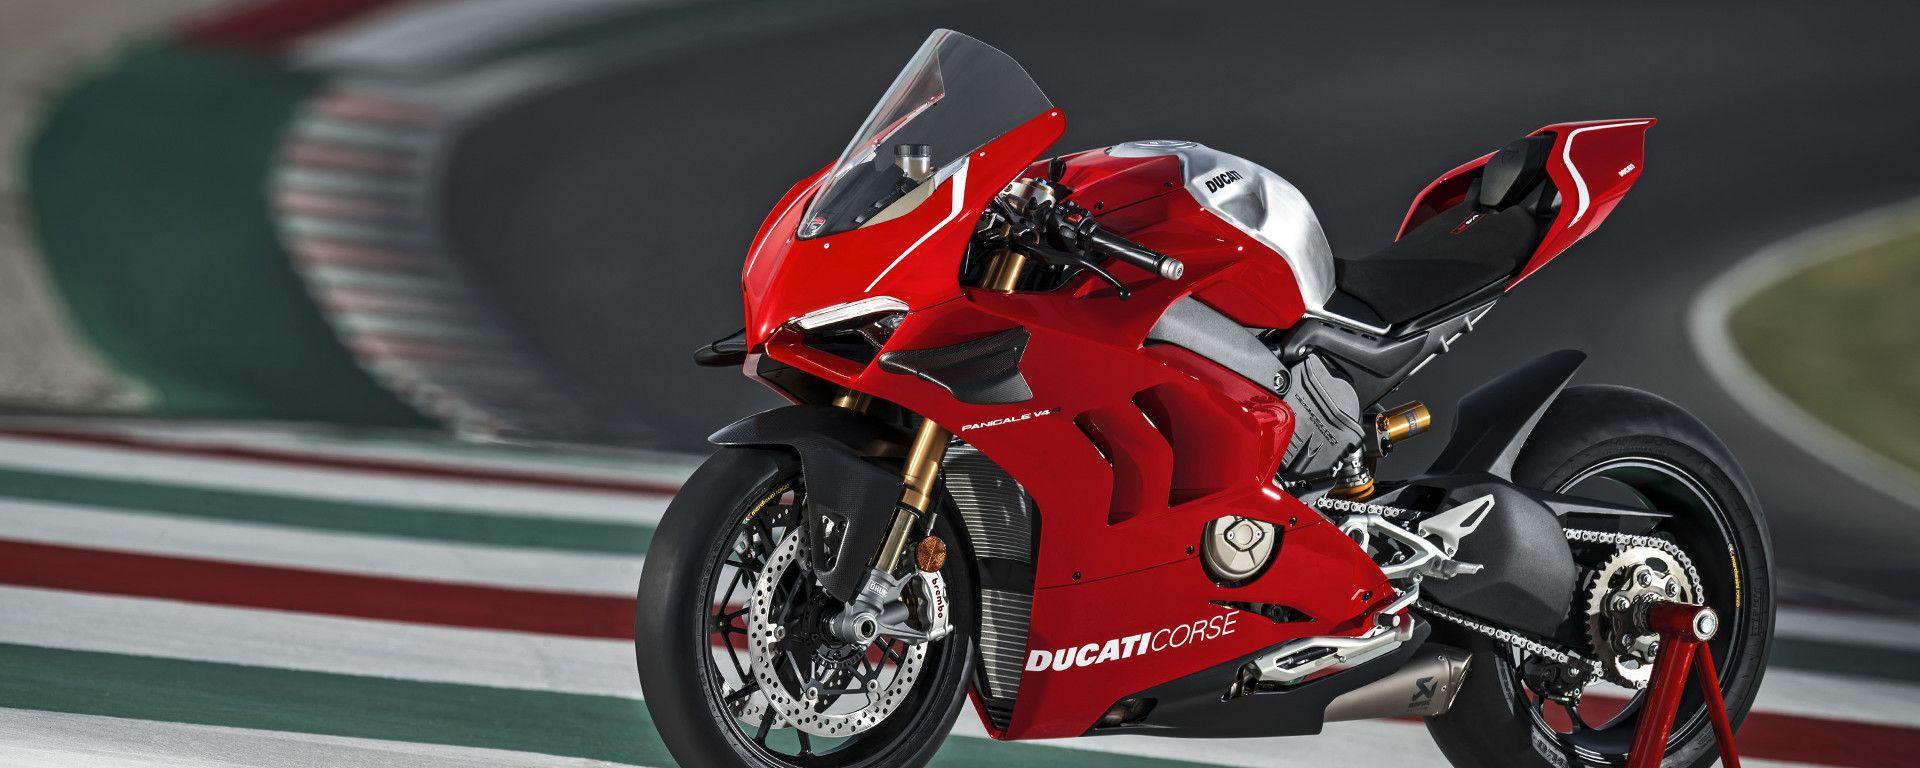 Ducati Panigale V4 R con un motore da 234 CV